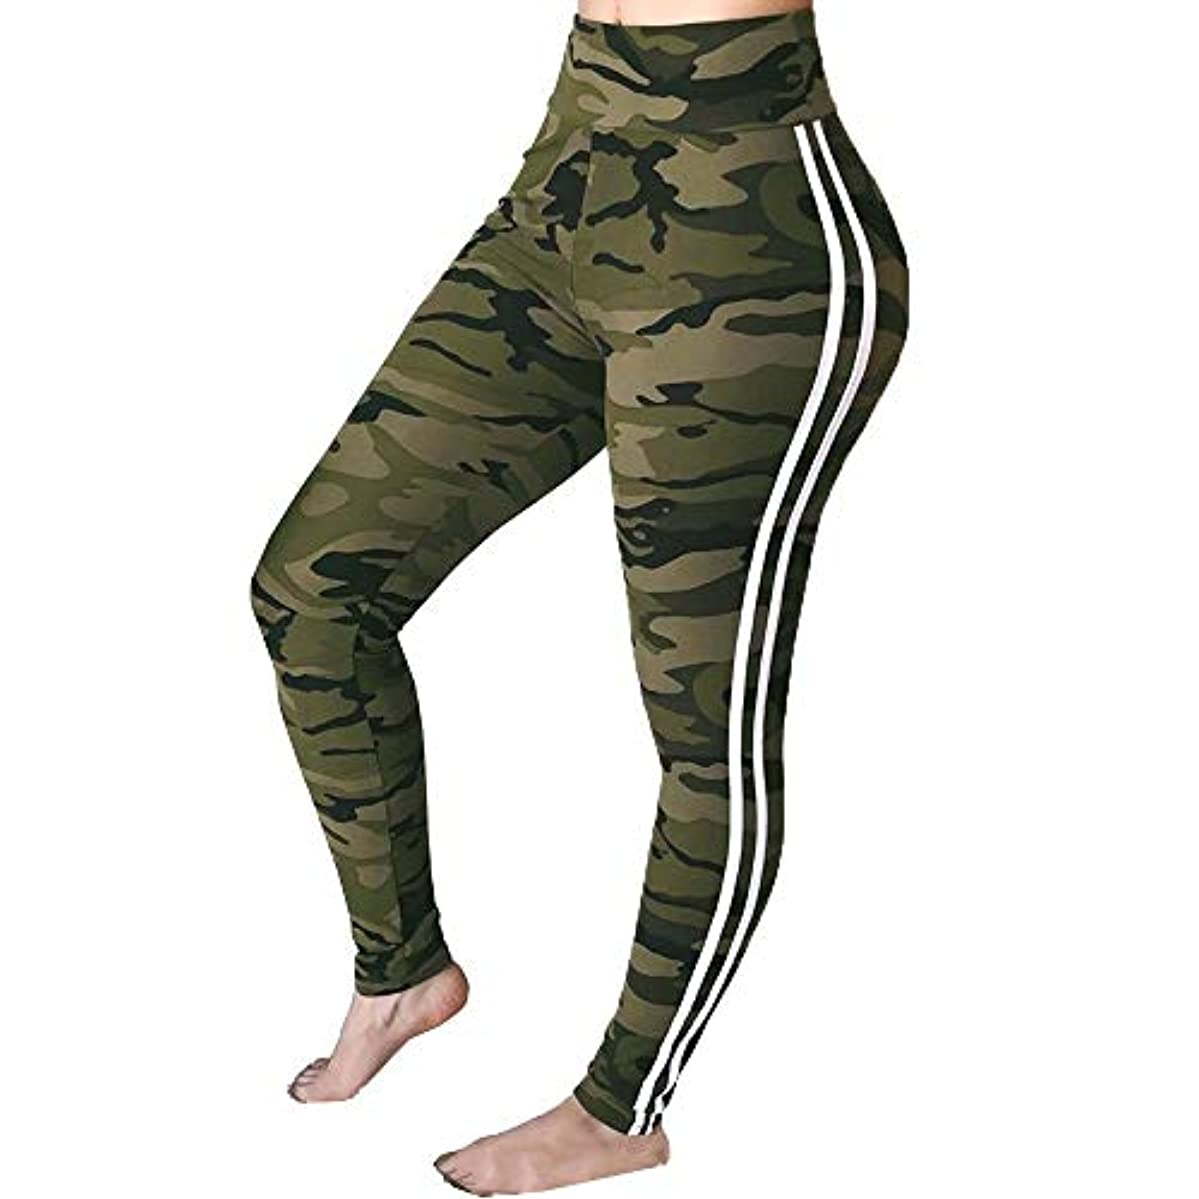 深めるミキサー自己MIFAN 女性パンツ、ロングパンツ、ハイウエストパンツ、スポーツパンツ、スキニーパンツ、ヨガパンツ、